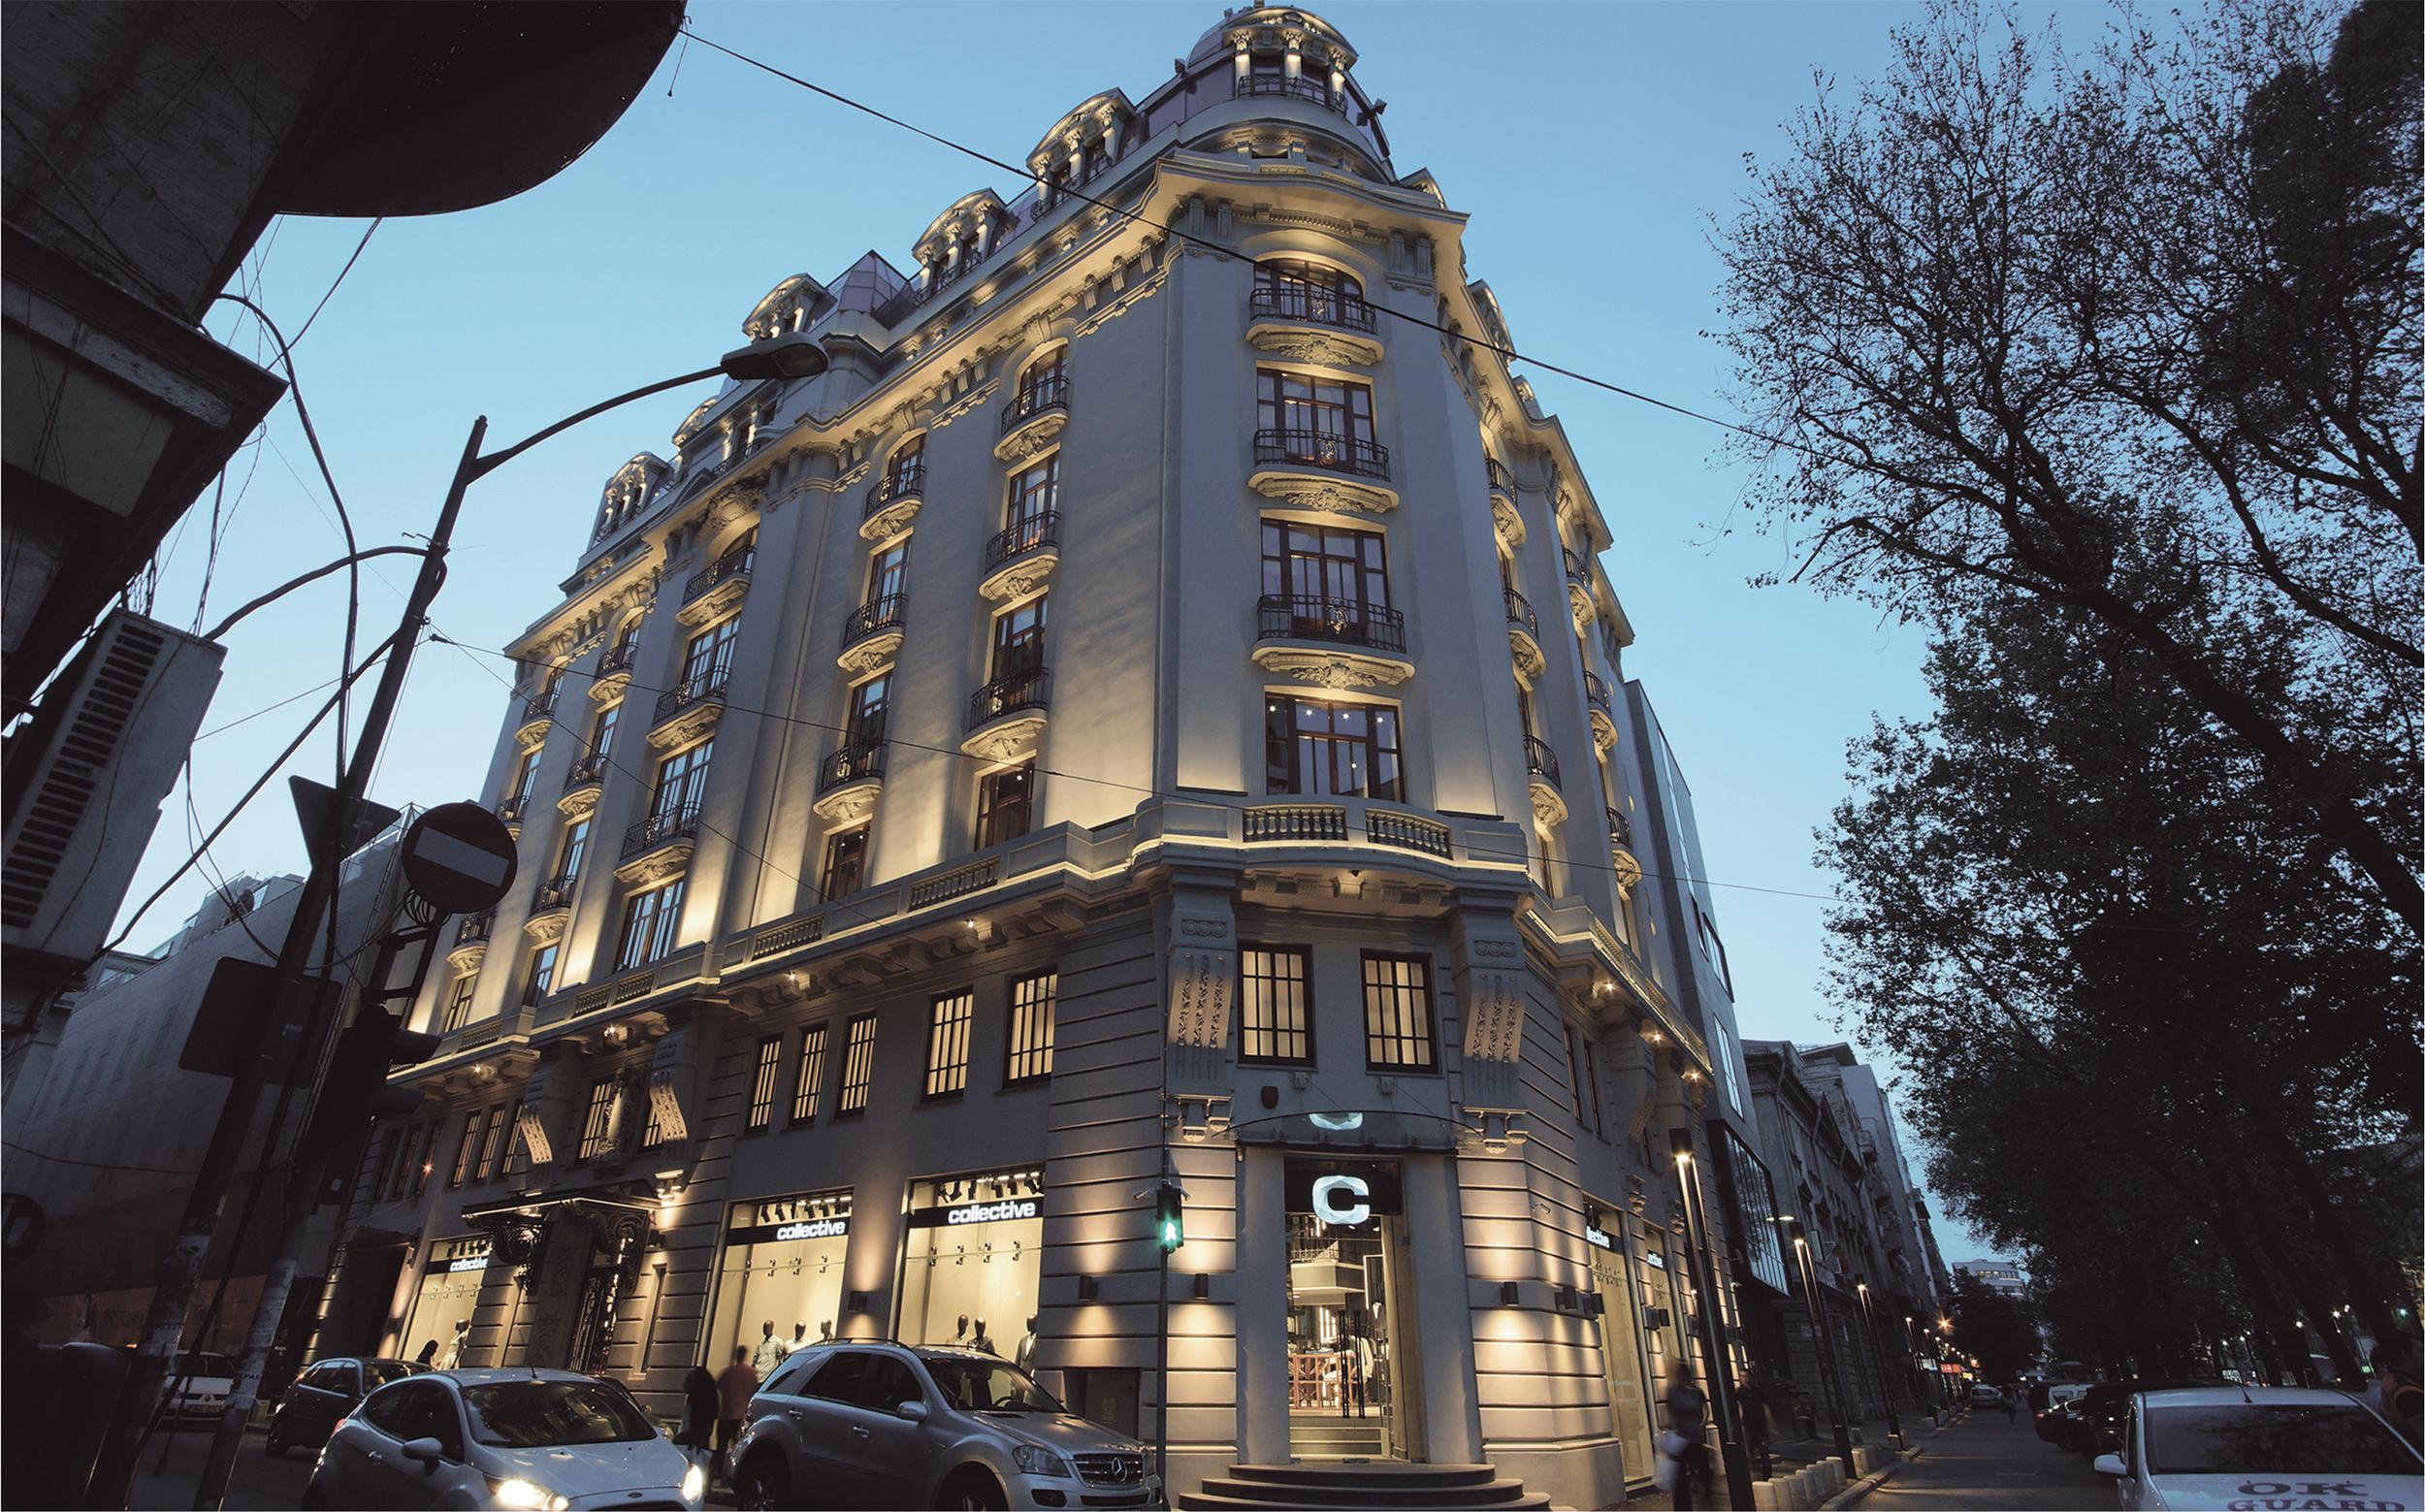 Campineanu 2 - Nominalizarile pentru Premiile Romanian Building Awards - premii de recunoastere publica a excelentei in proiectarea si executia spatiului construit din Romania